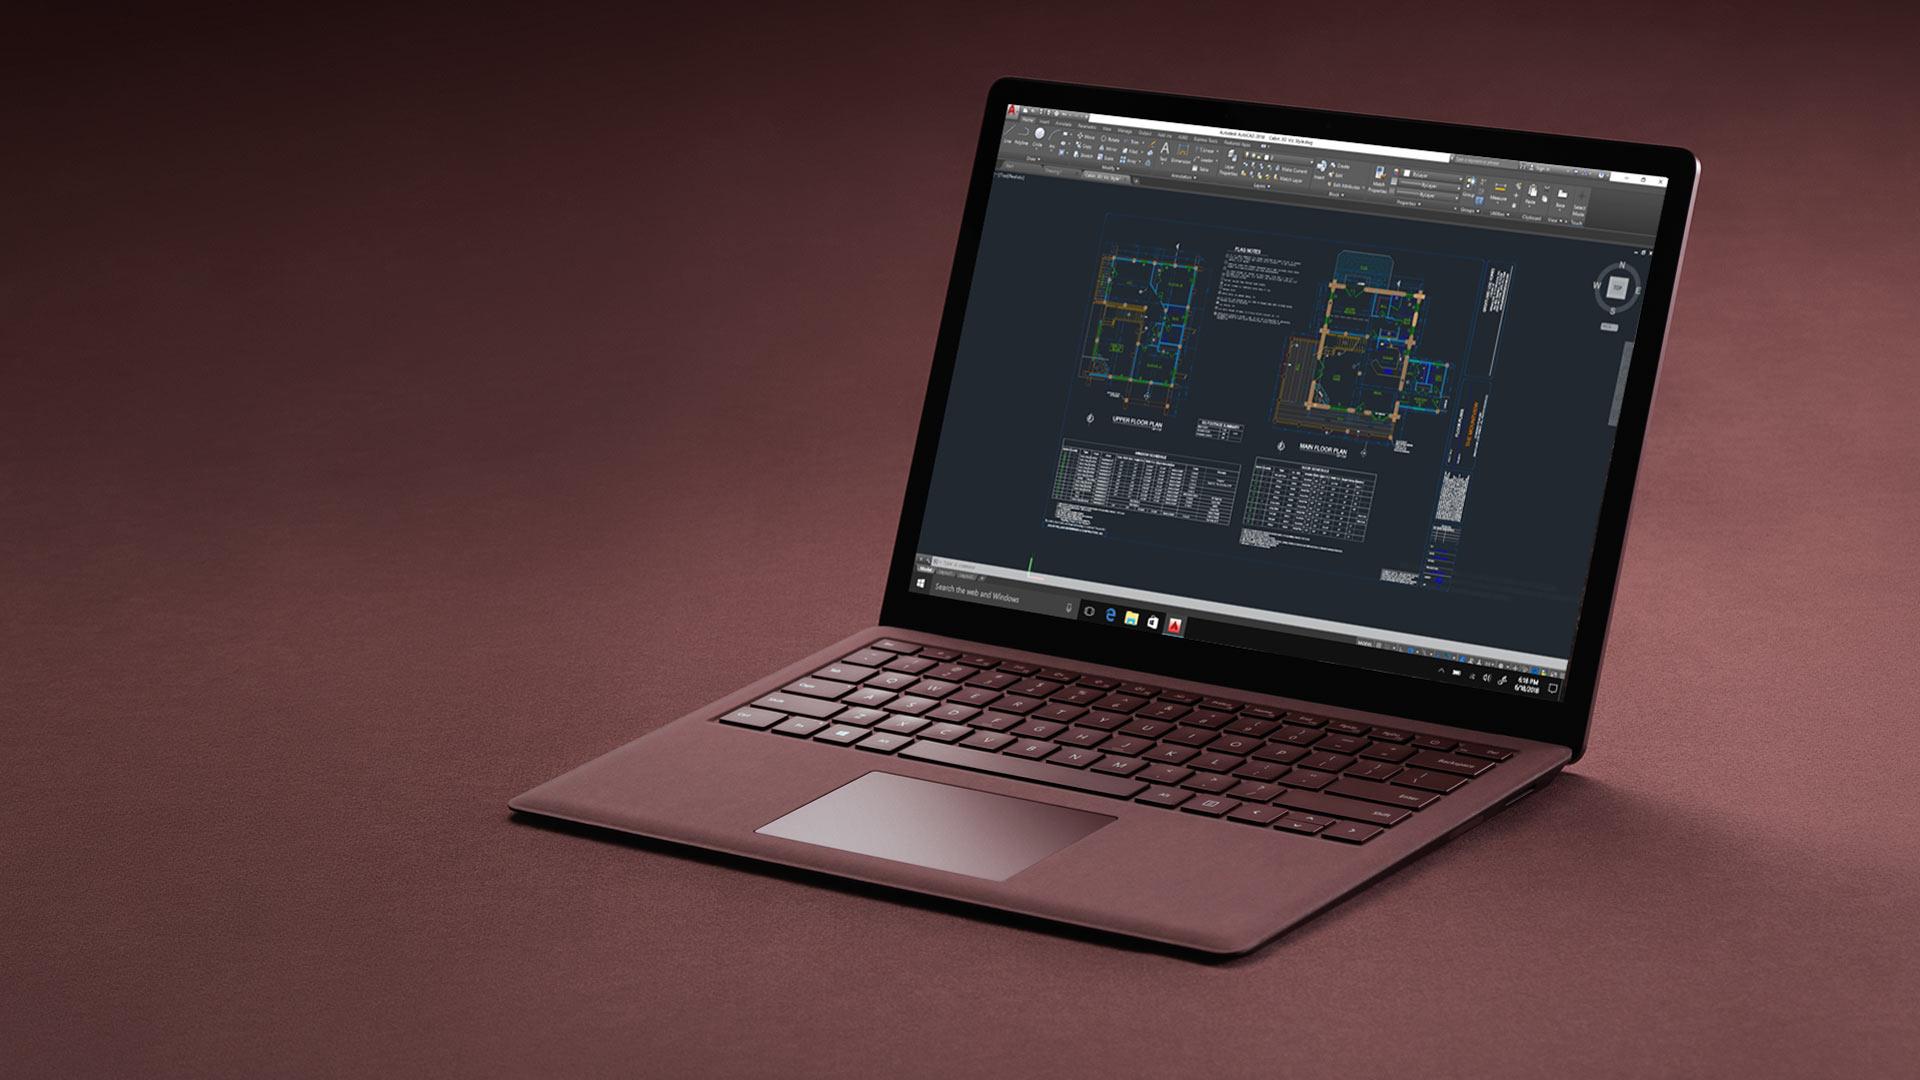 Viininpunainen Surface Laptop, jonka näytössä on AutoCAD.